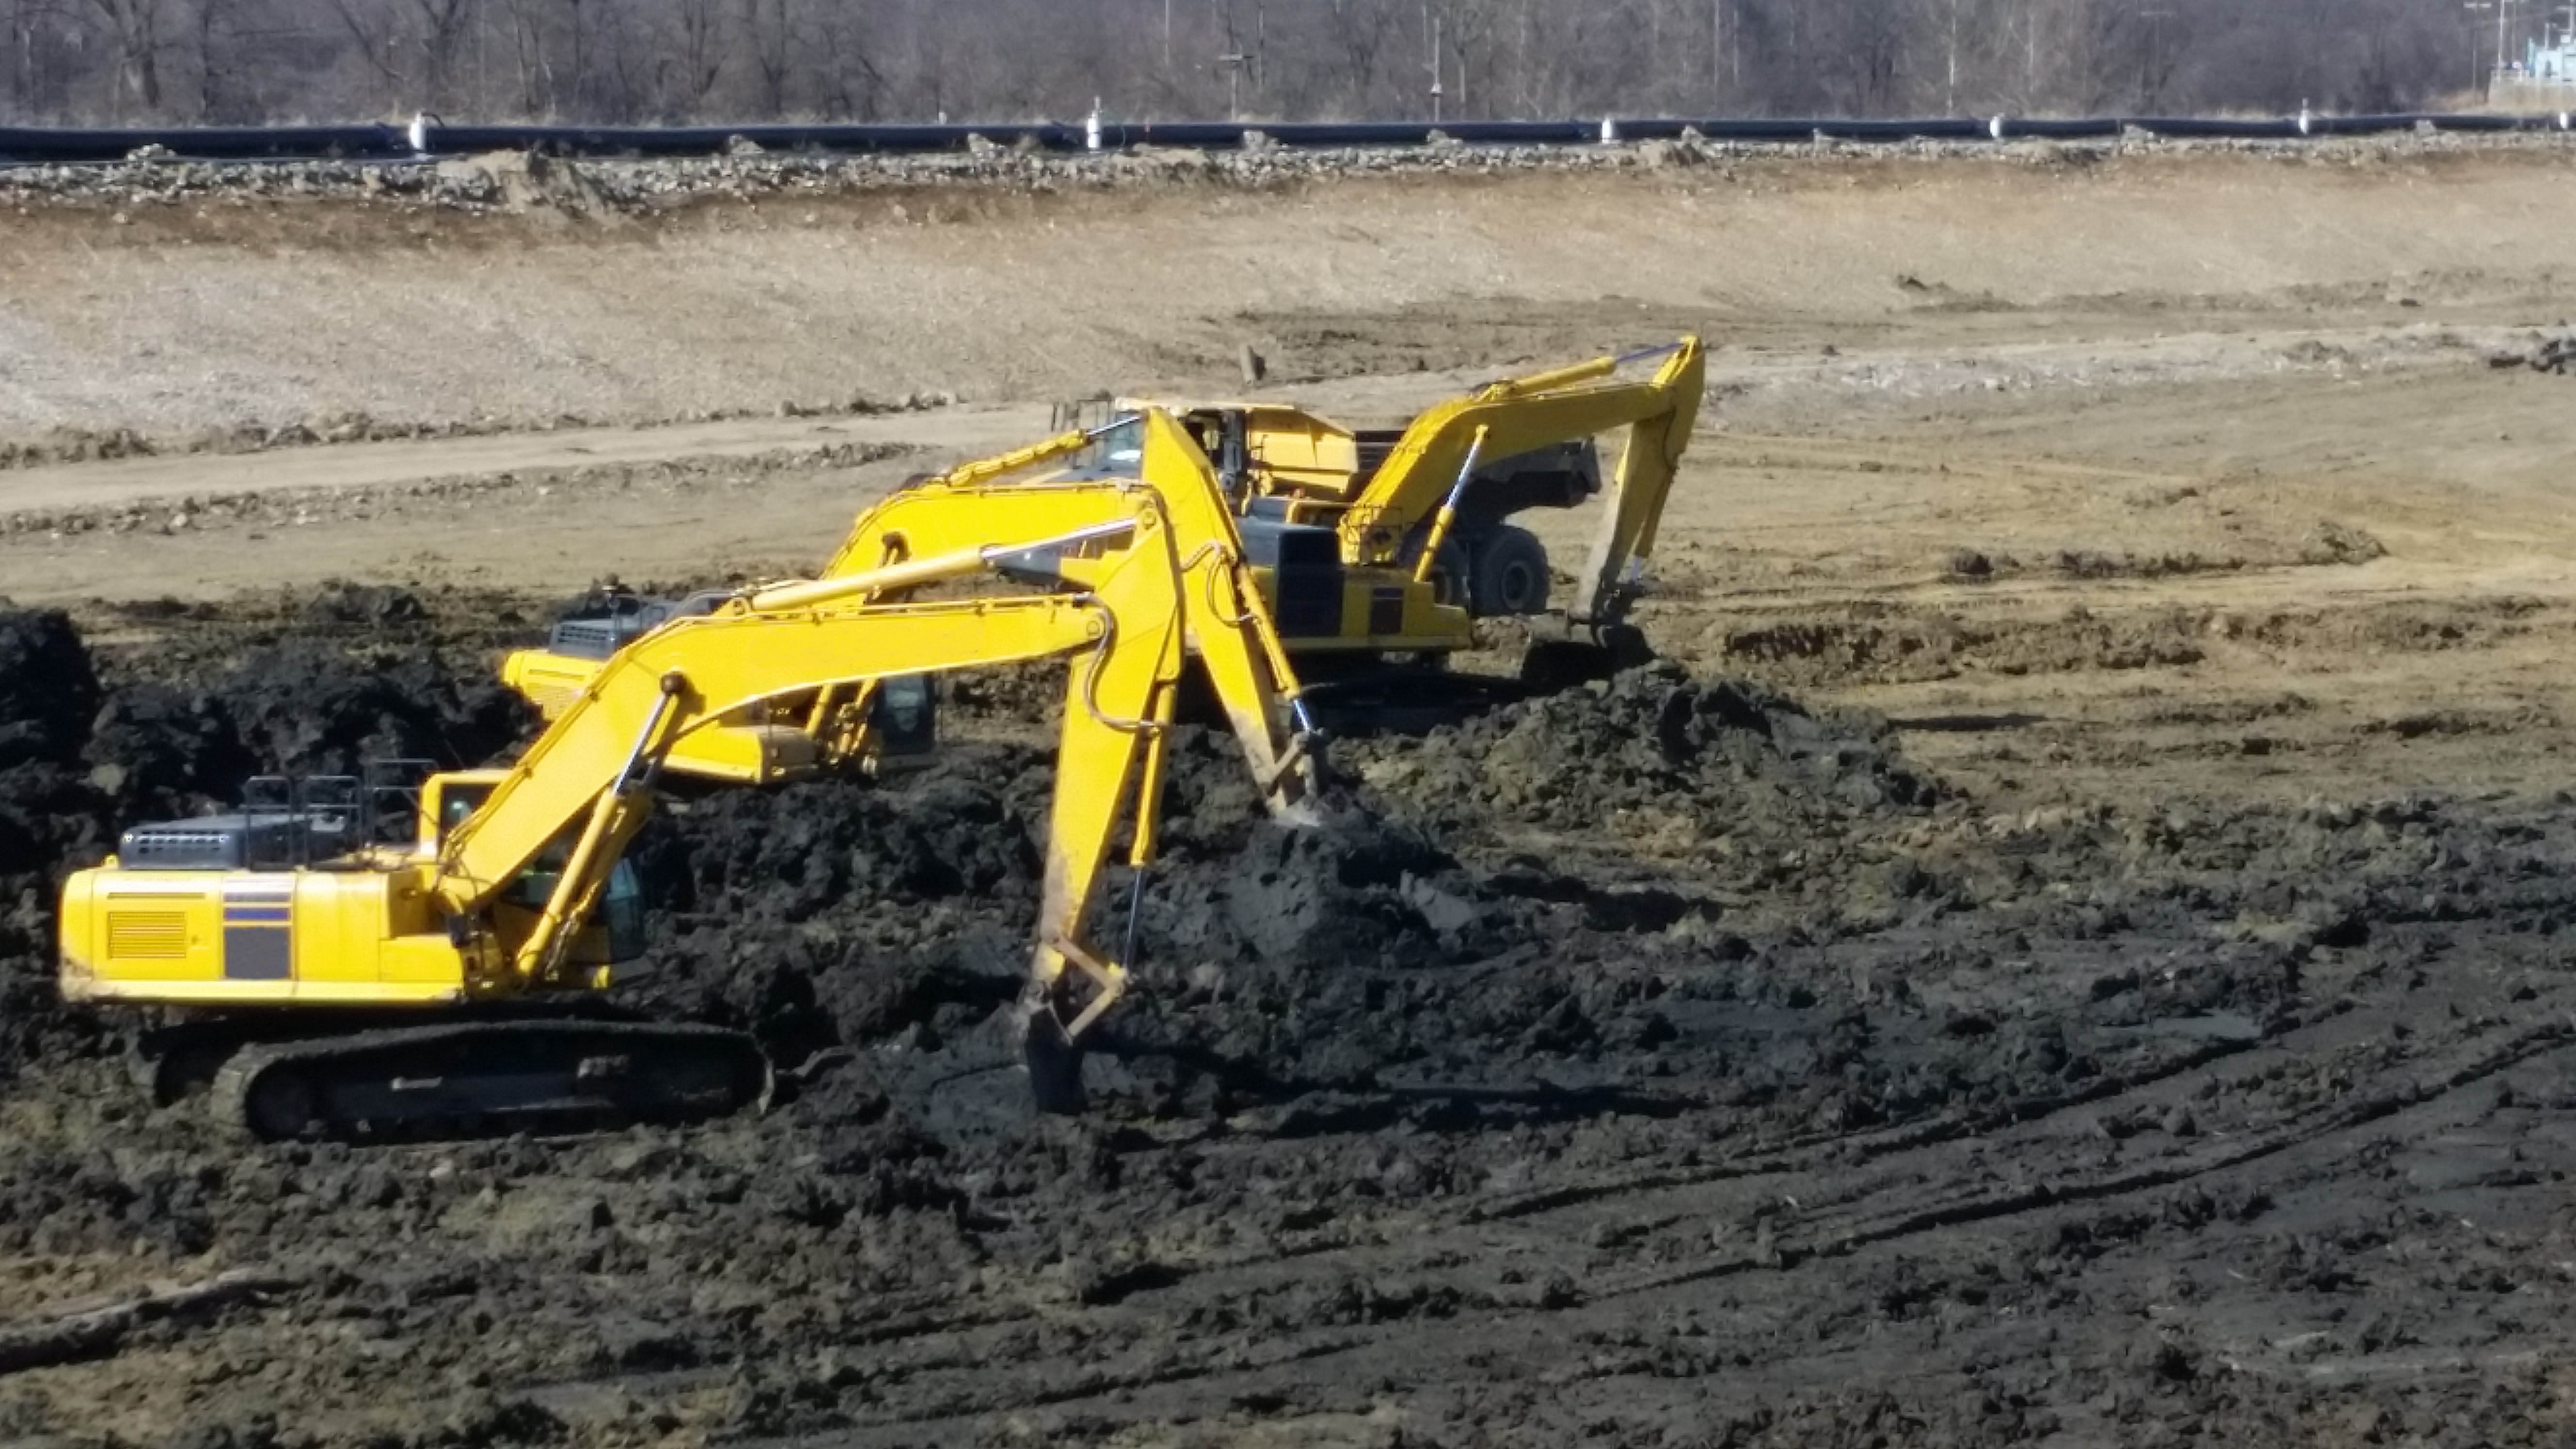 3 Excavators removing CCR